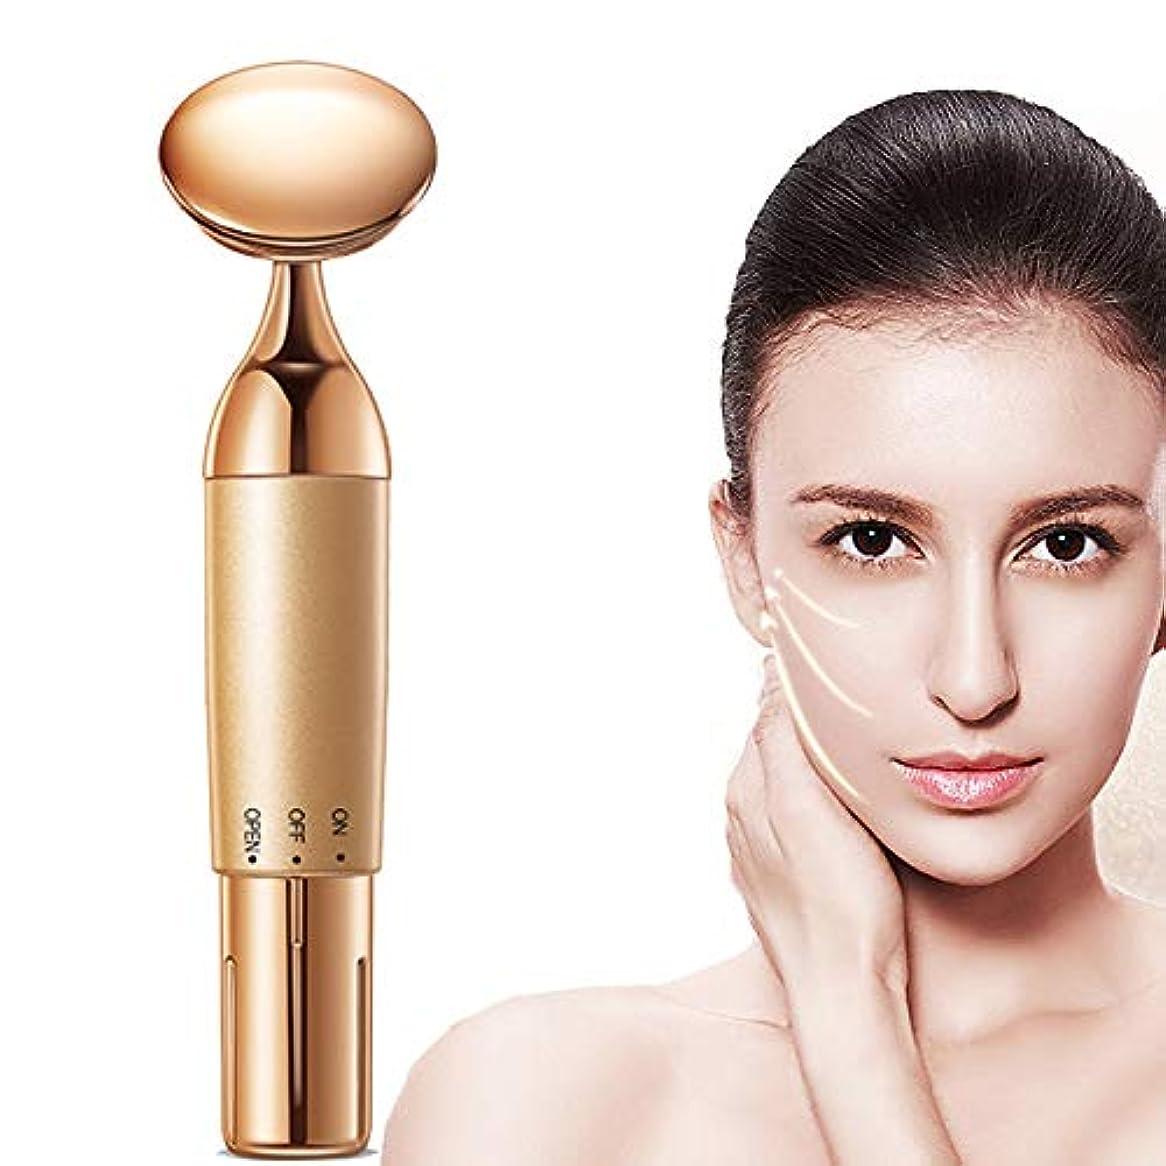 偶然生きる公爵RF lifting device Facial beauty massager facial lifting firming wrinkle removal eye bags roller